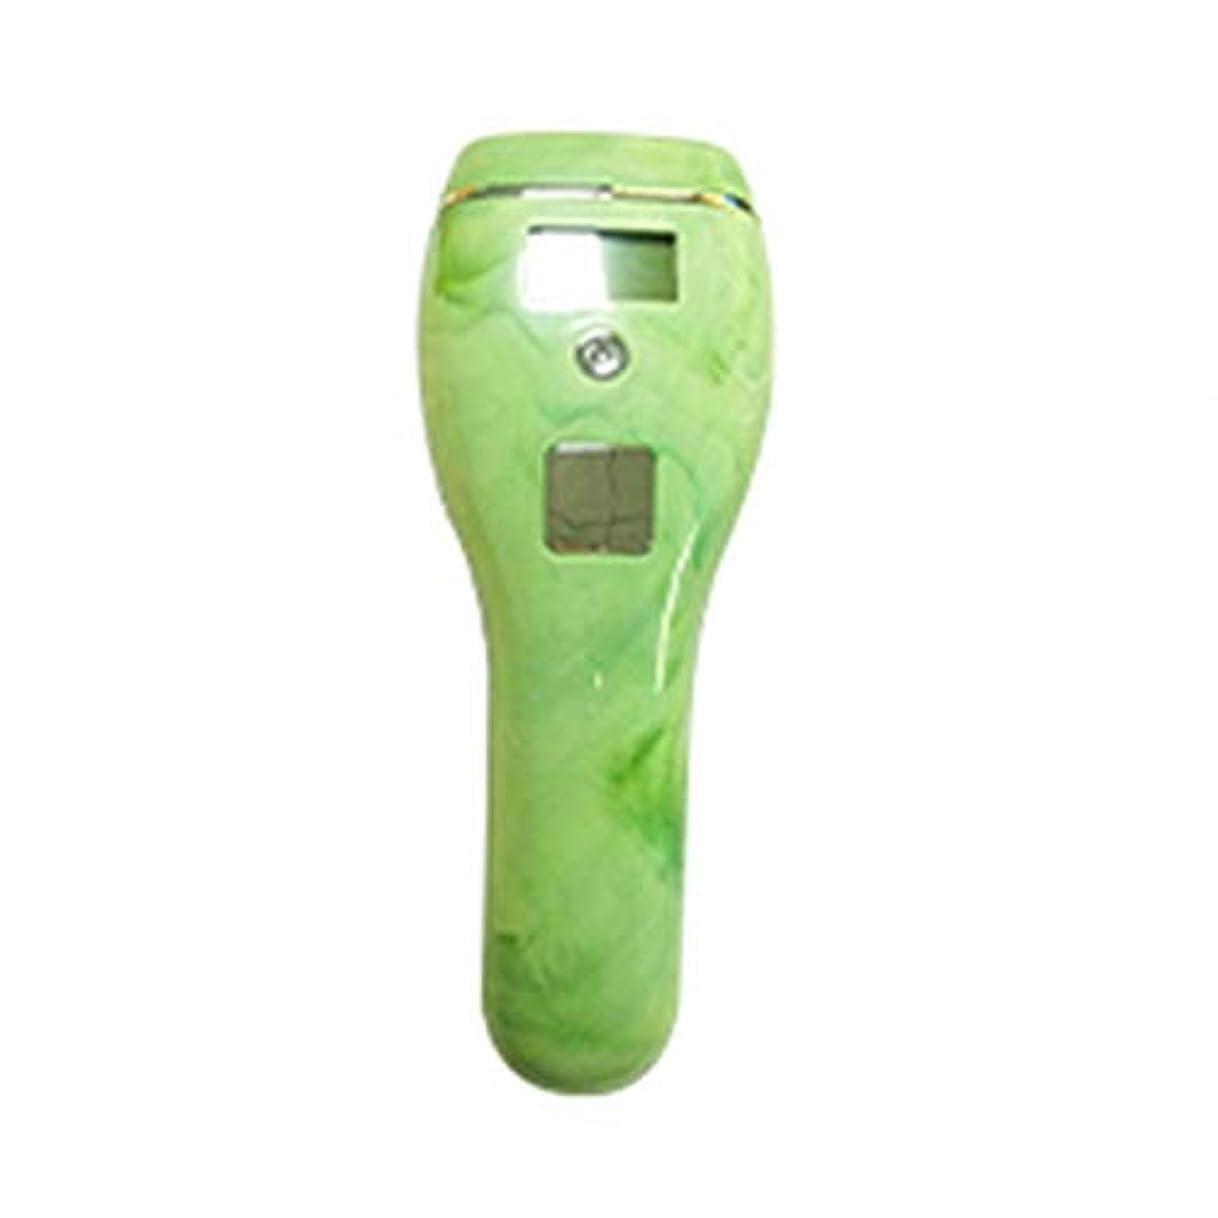 頼る同一の水Iku夫 自動肌のカラーセンシング、グリーン、5速調整、クォーツチューブ、携帯用痛みのない全身凍結乾燥用除湿器、サイズ19x7x5cm (Color : Green)